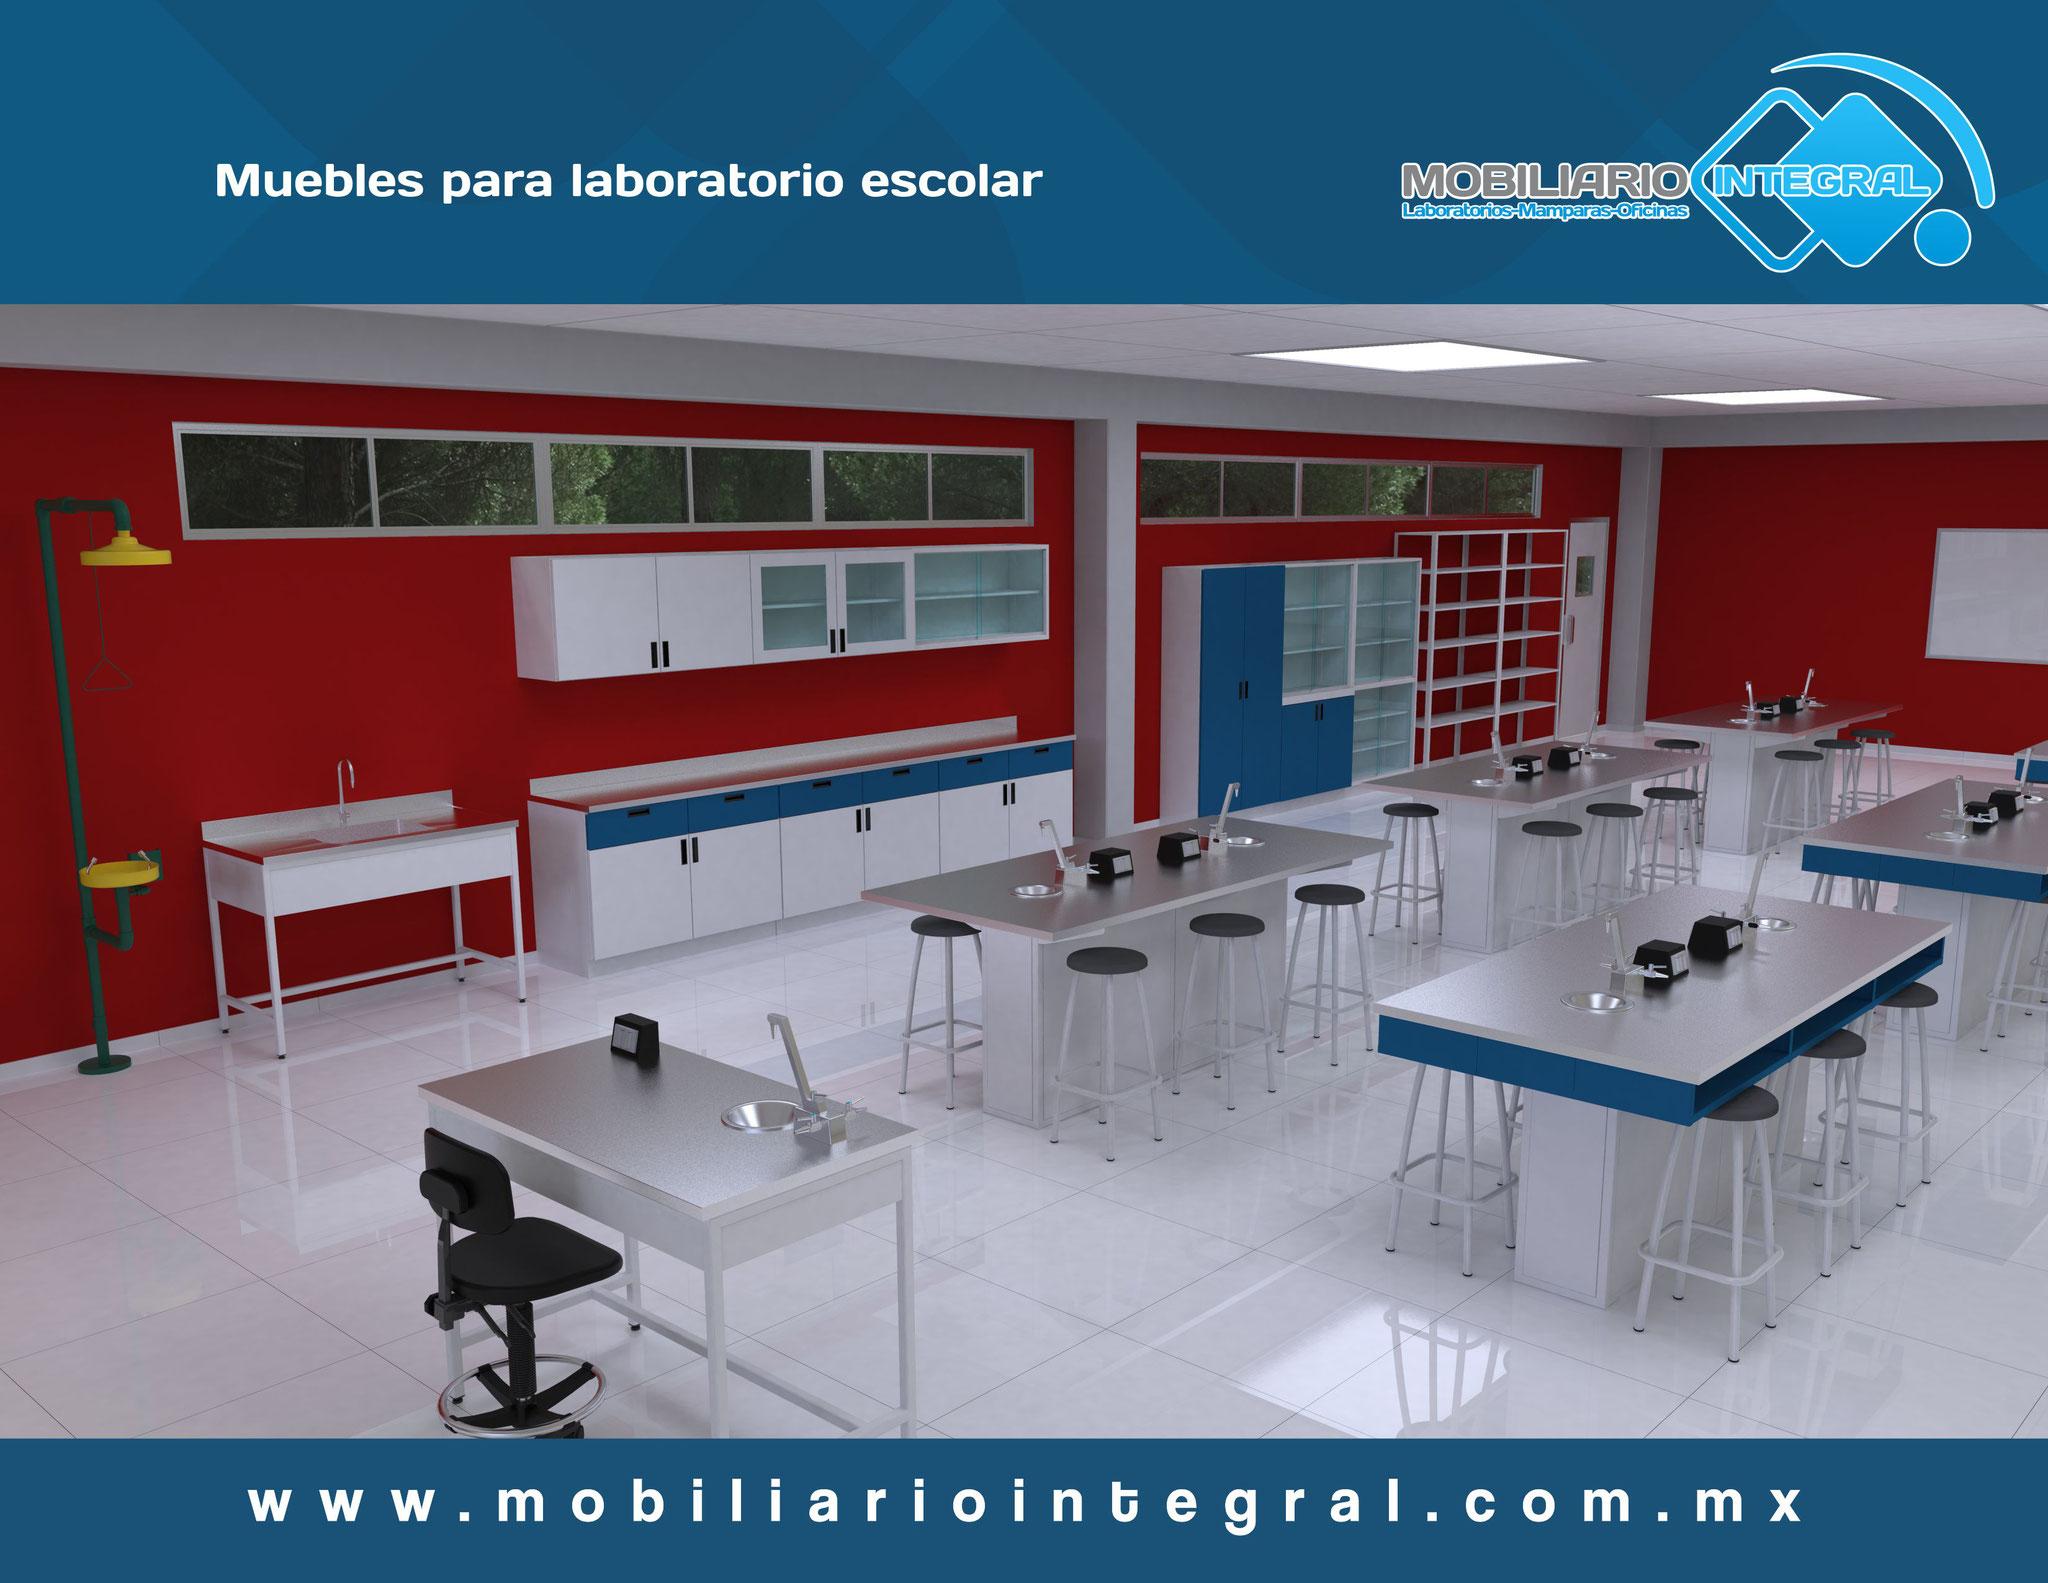 Muebles para laboratorio escolar Oaxaca